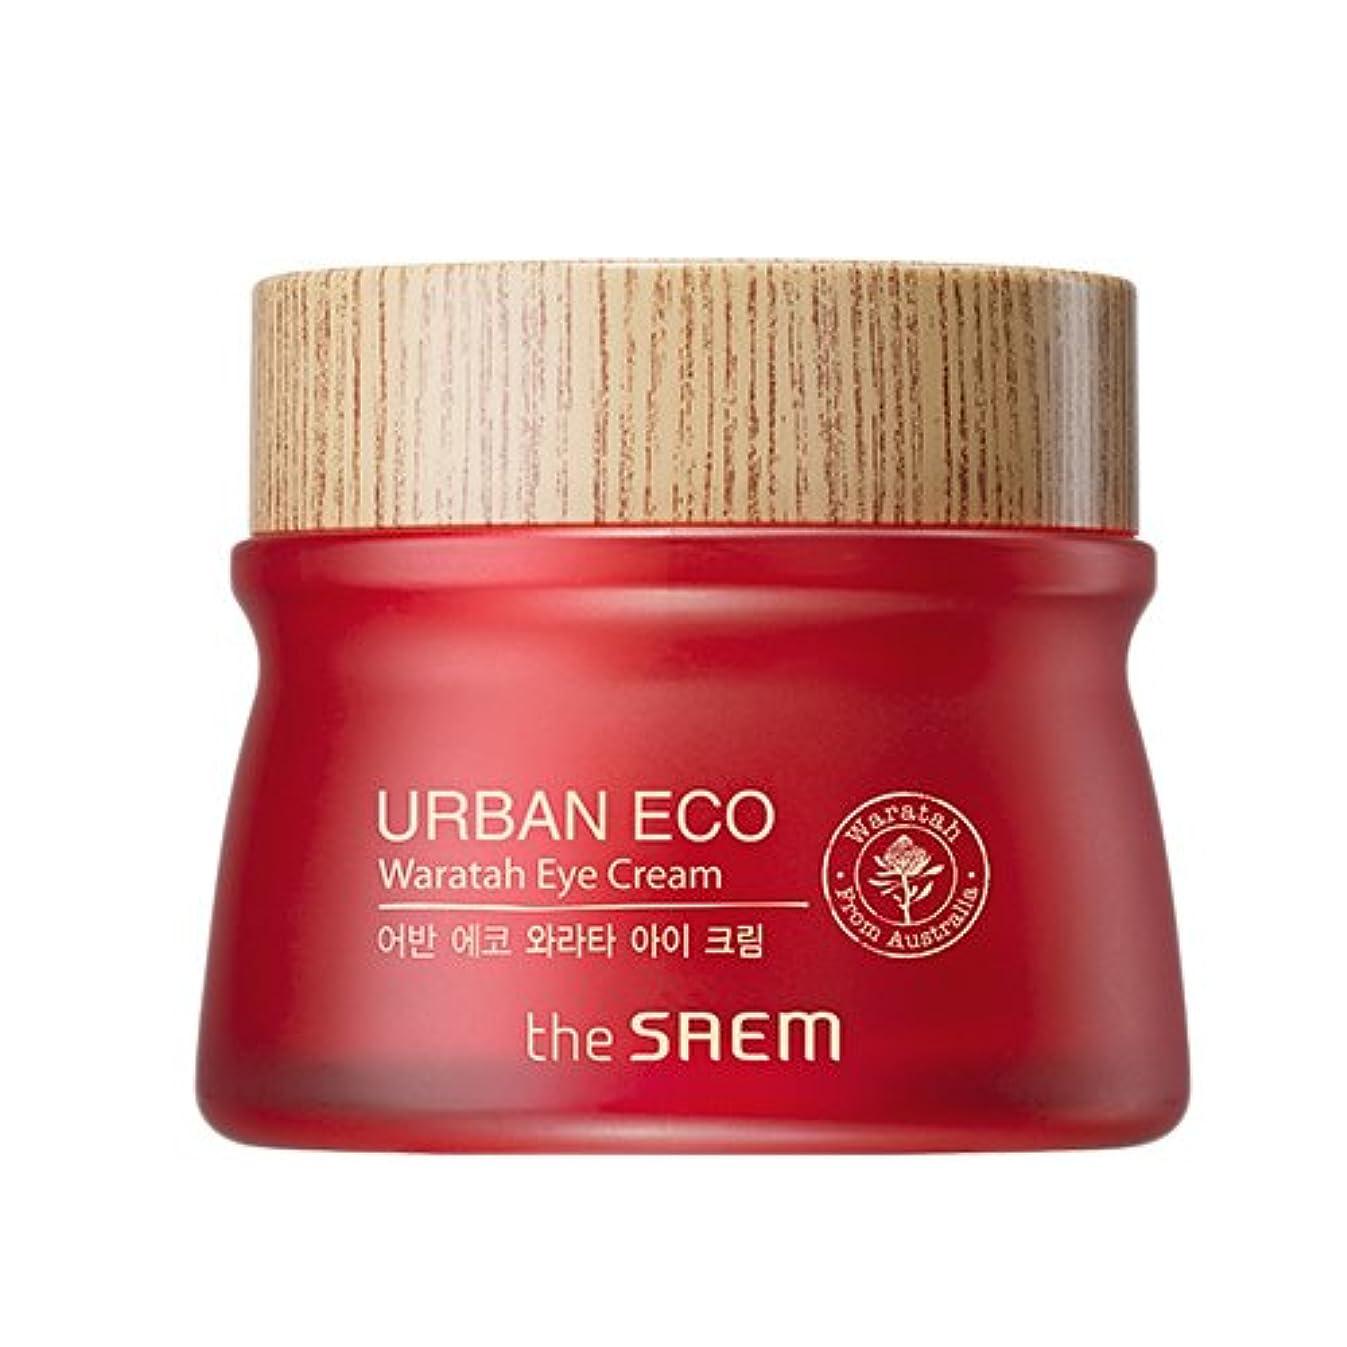 証明試みお世話になったドセム アーバンエコワラターアイクリーム 30ml Urban Eco Waratah Eye Cream [並行輸入品]